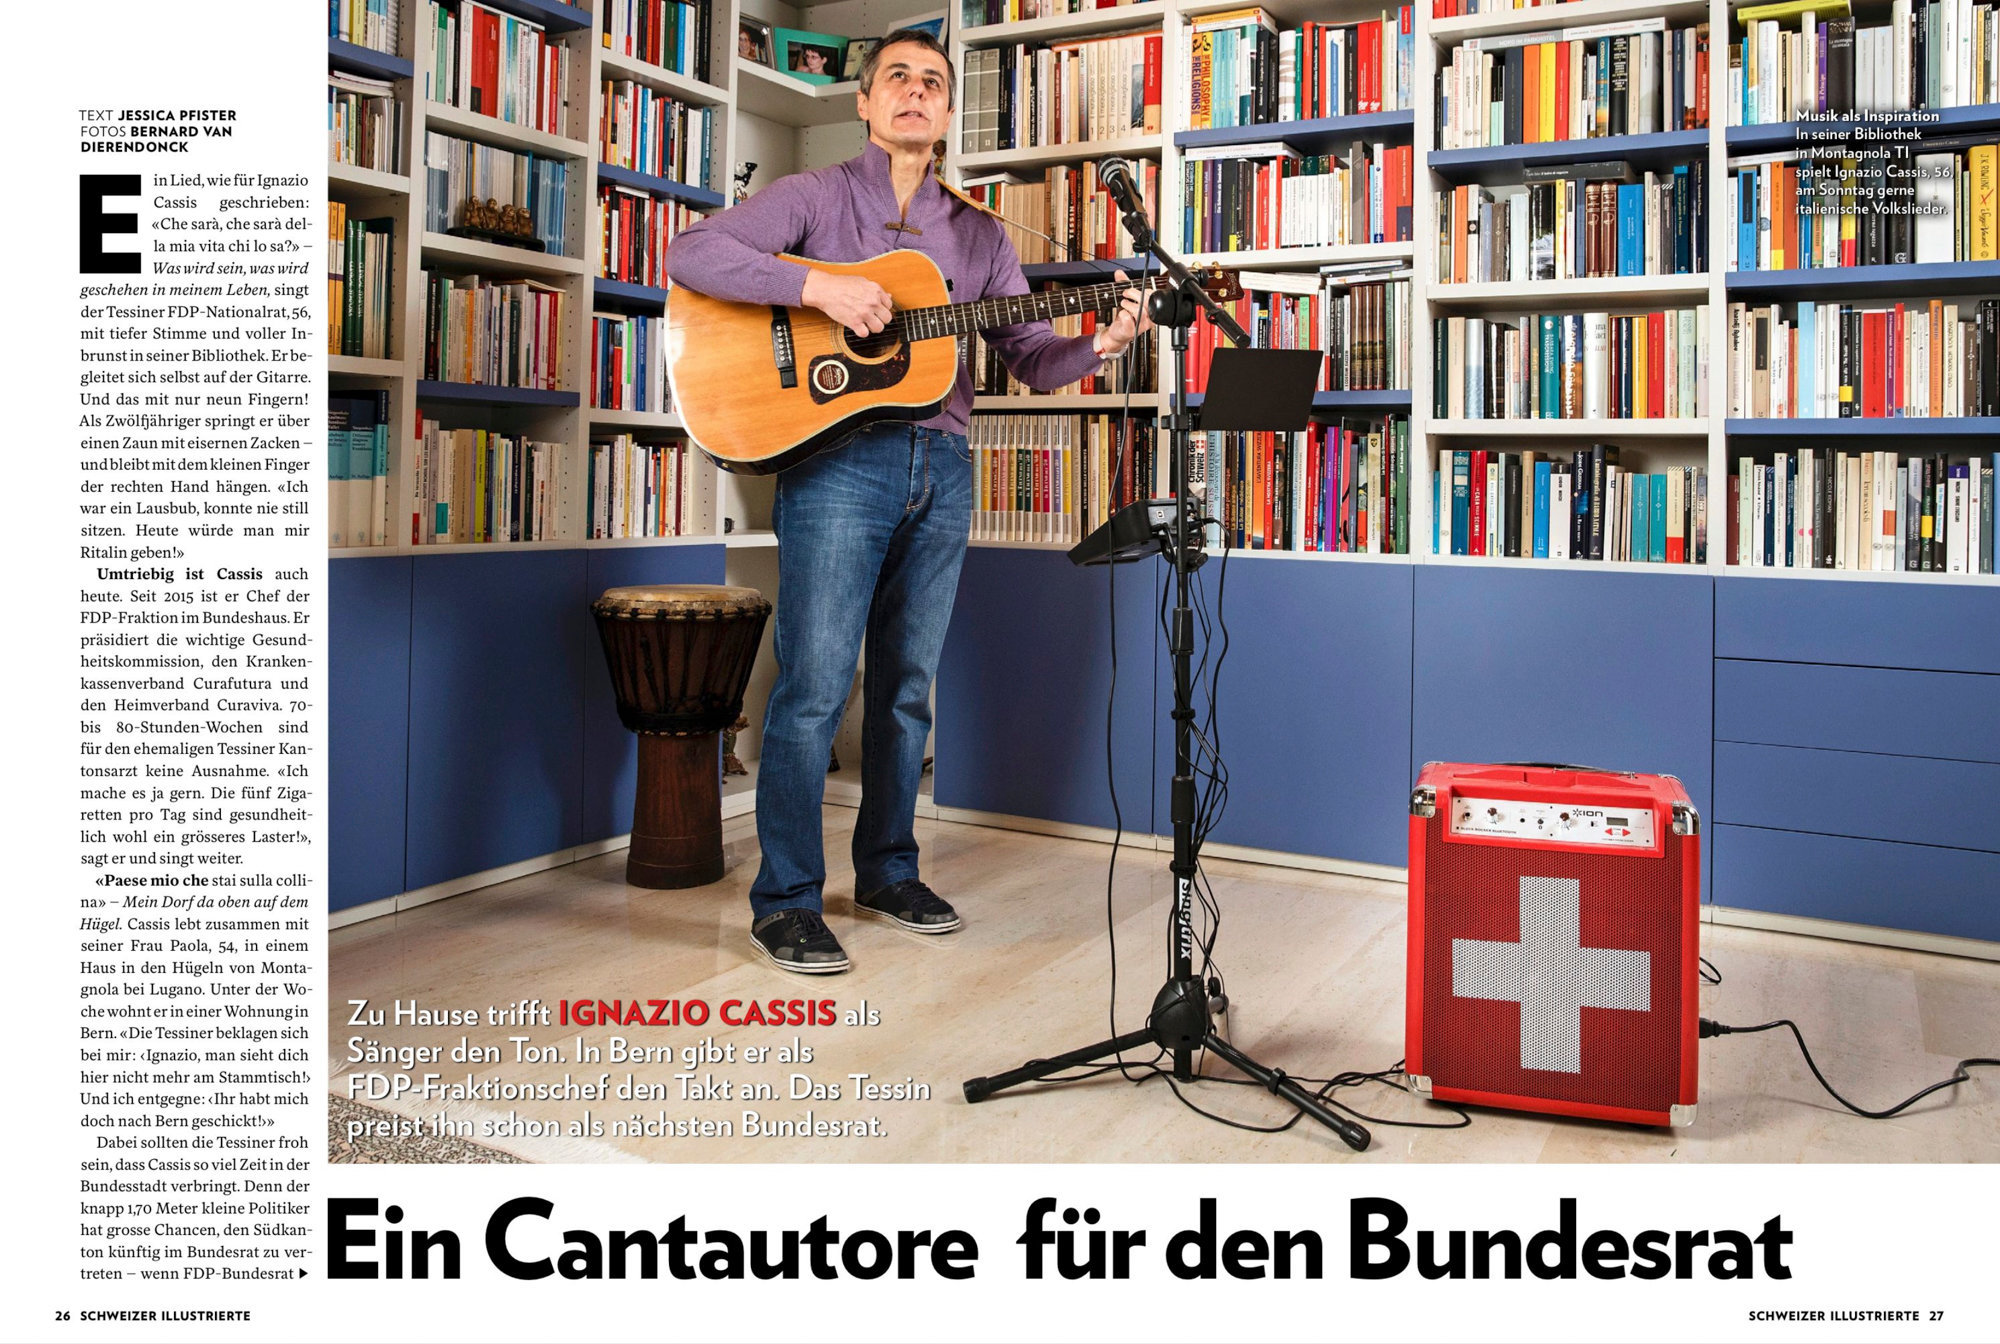 Ignazio Cassis, Schweizer Illustrierte, Mai 2017